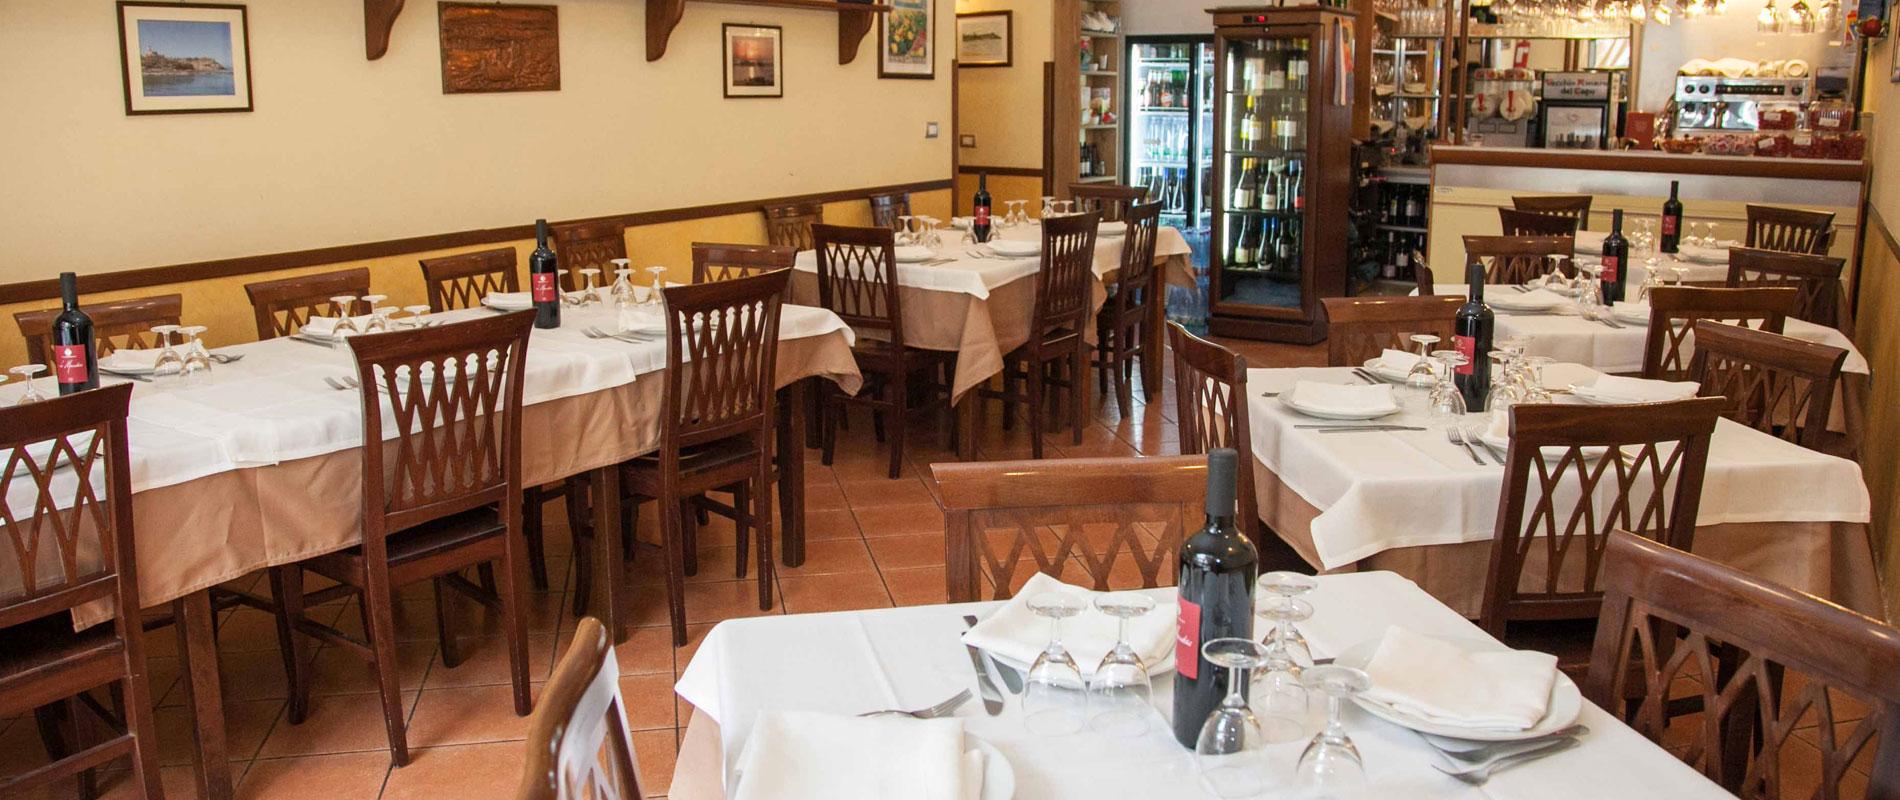 Ristorante Scala | Portopalo di Capo Passero | Siracusa